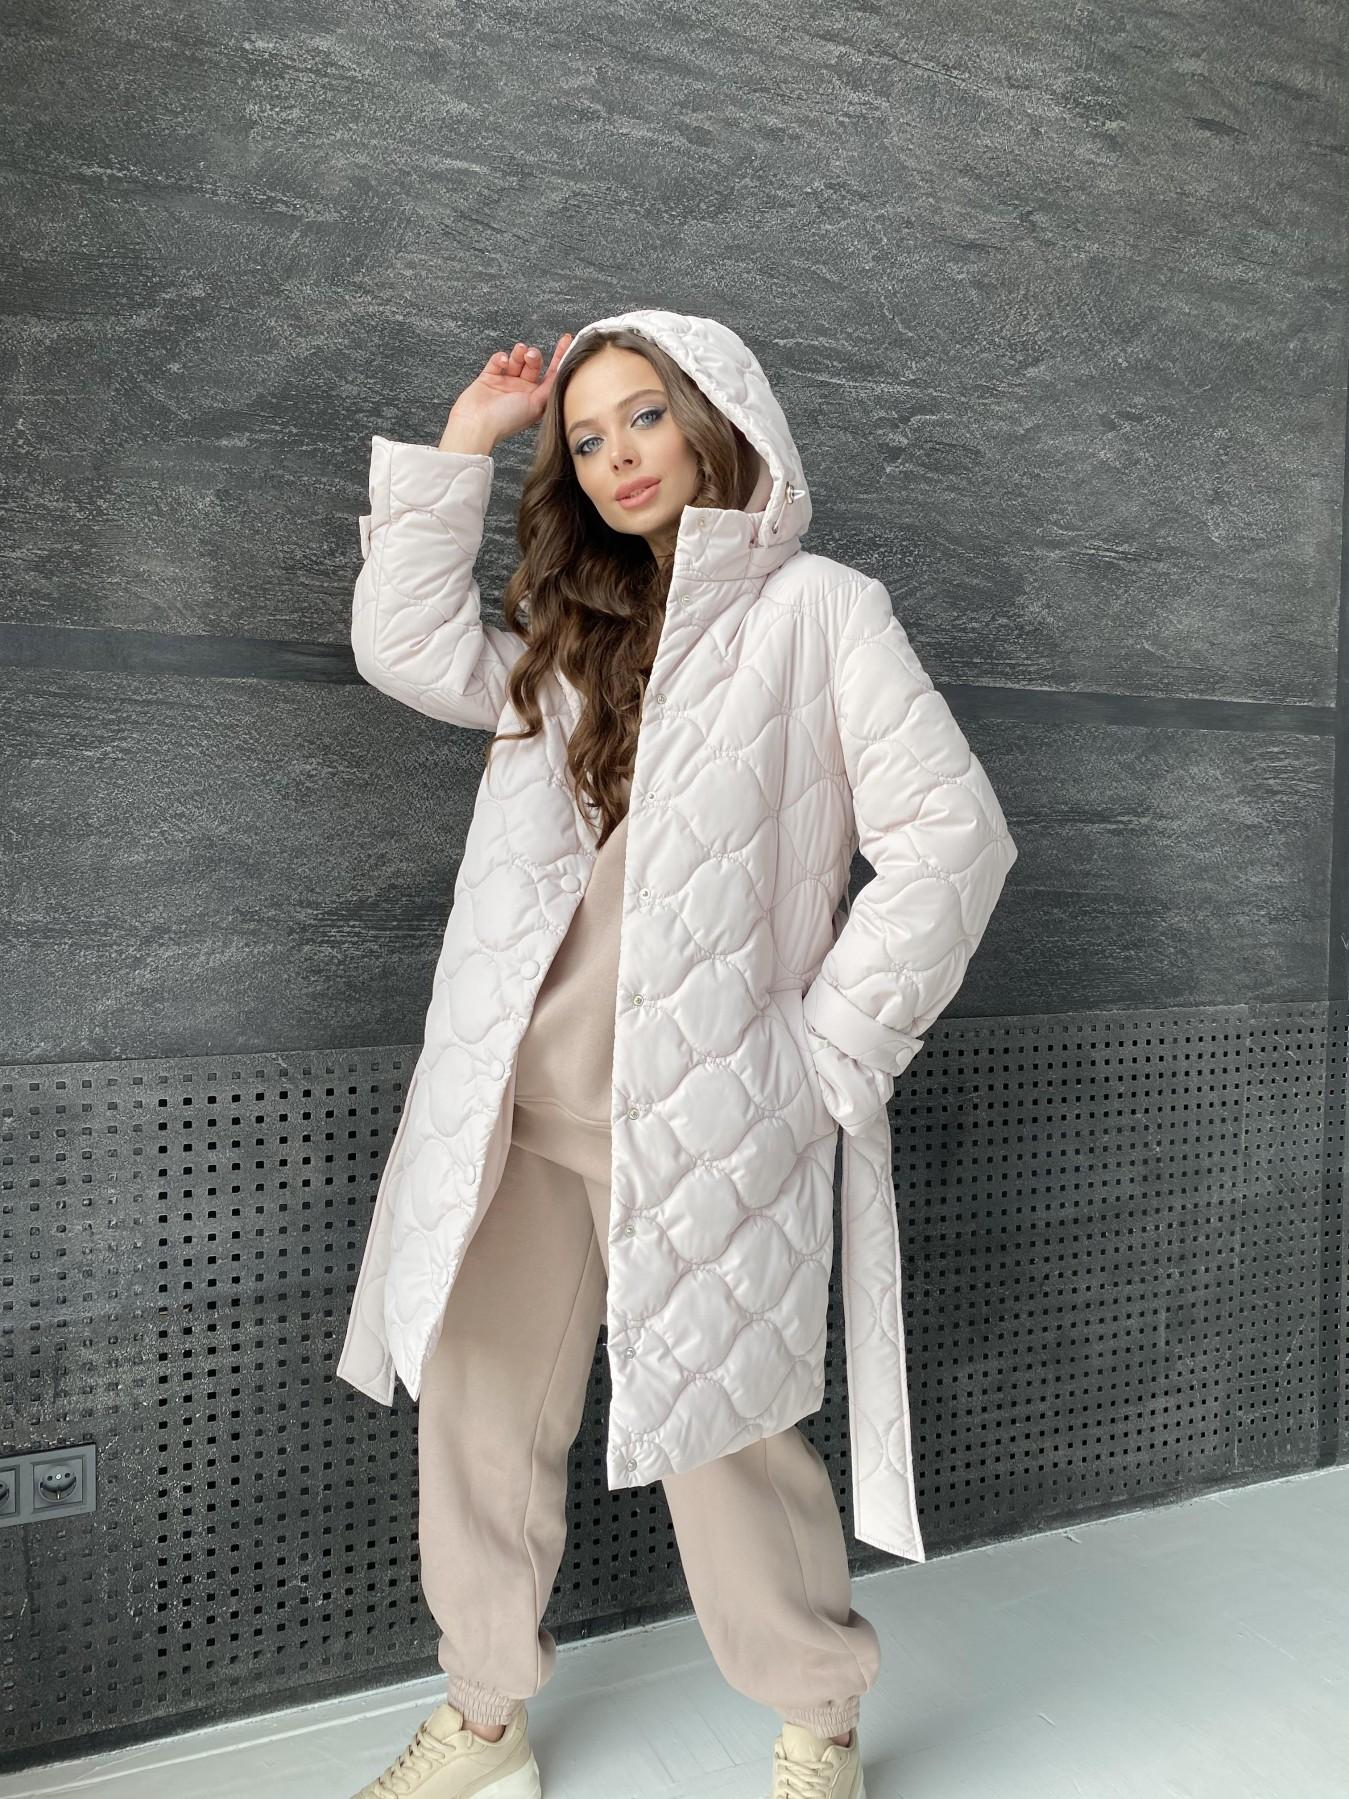 Виза ЗИГЗАГ стеганая куртка из плащевой ткани 11016 АРТ. 47517 Цвет: Бежевый 970 - фото 4, интернет магазин tm-modus.ru